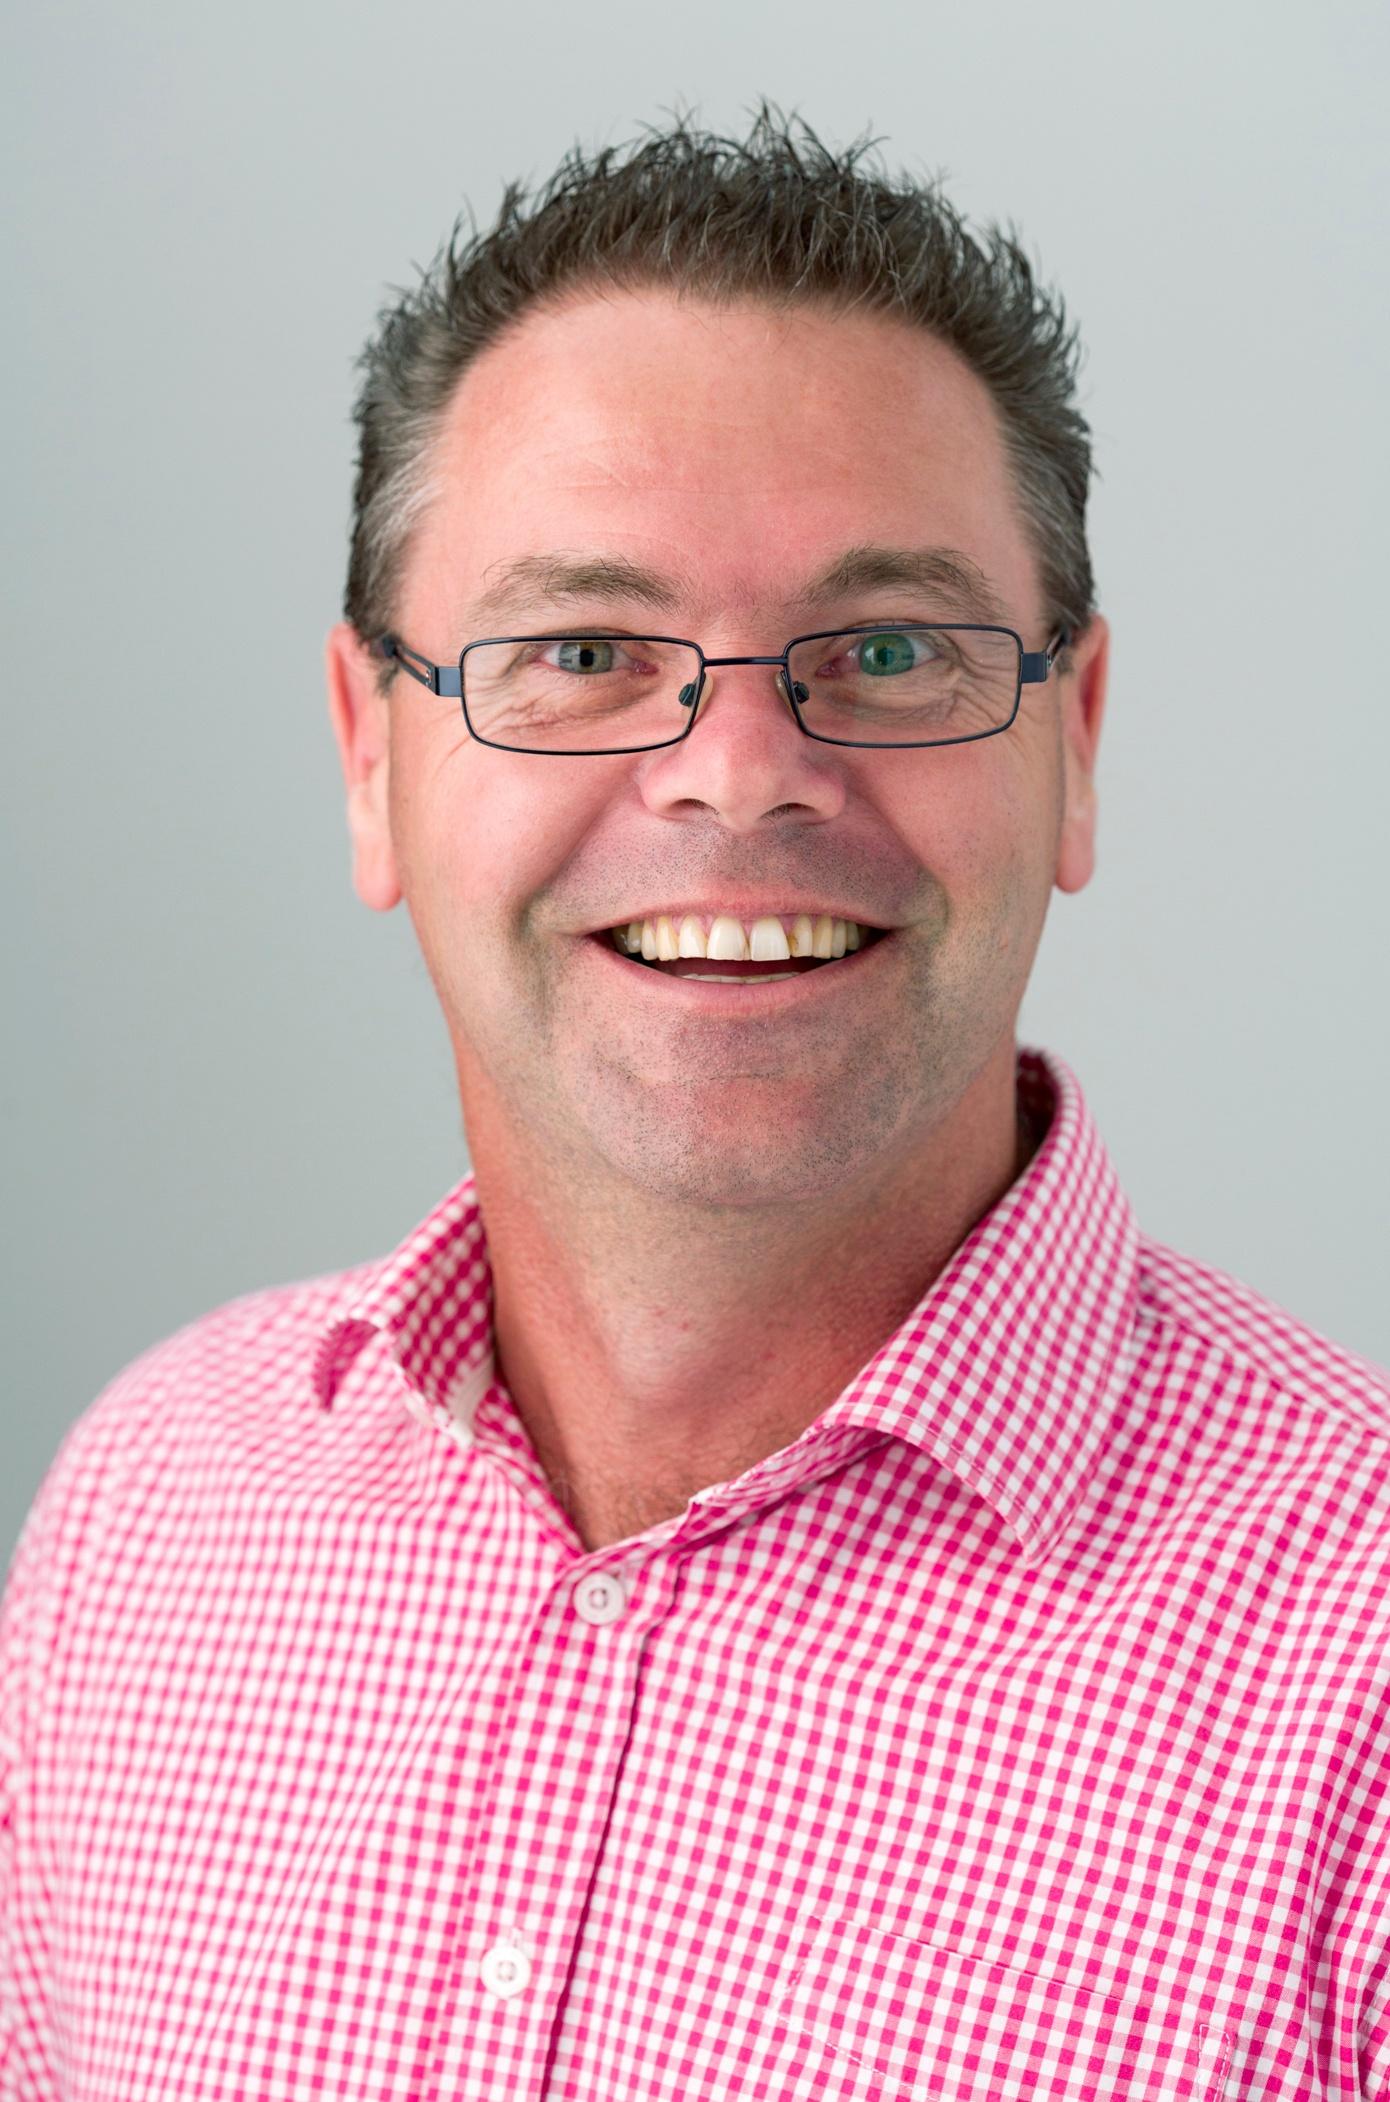 Aaron Hooper